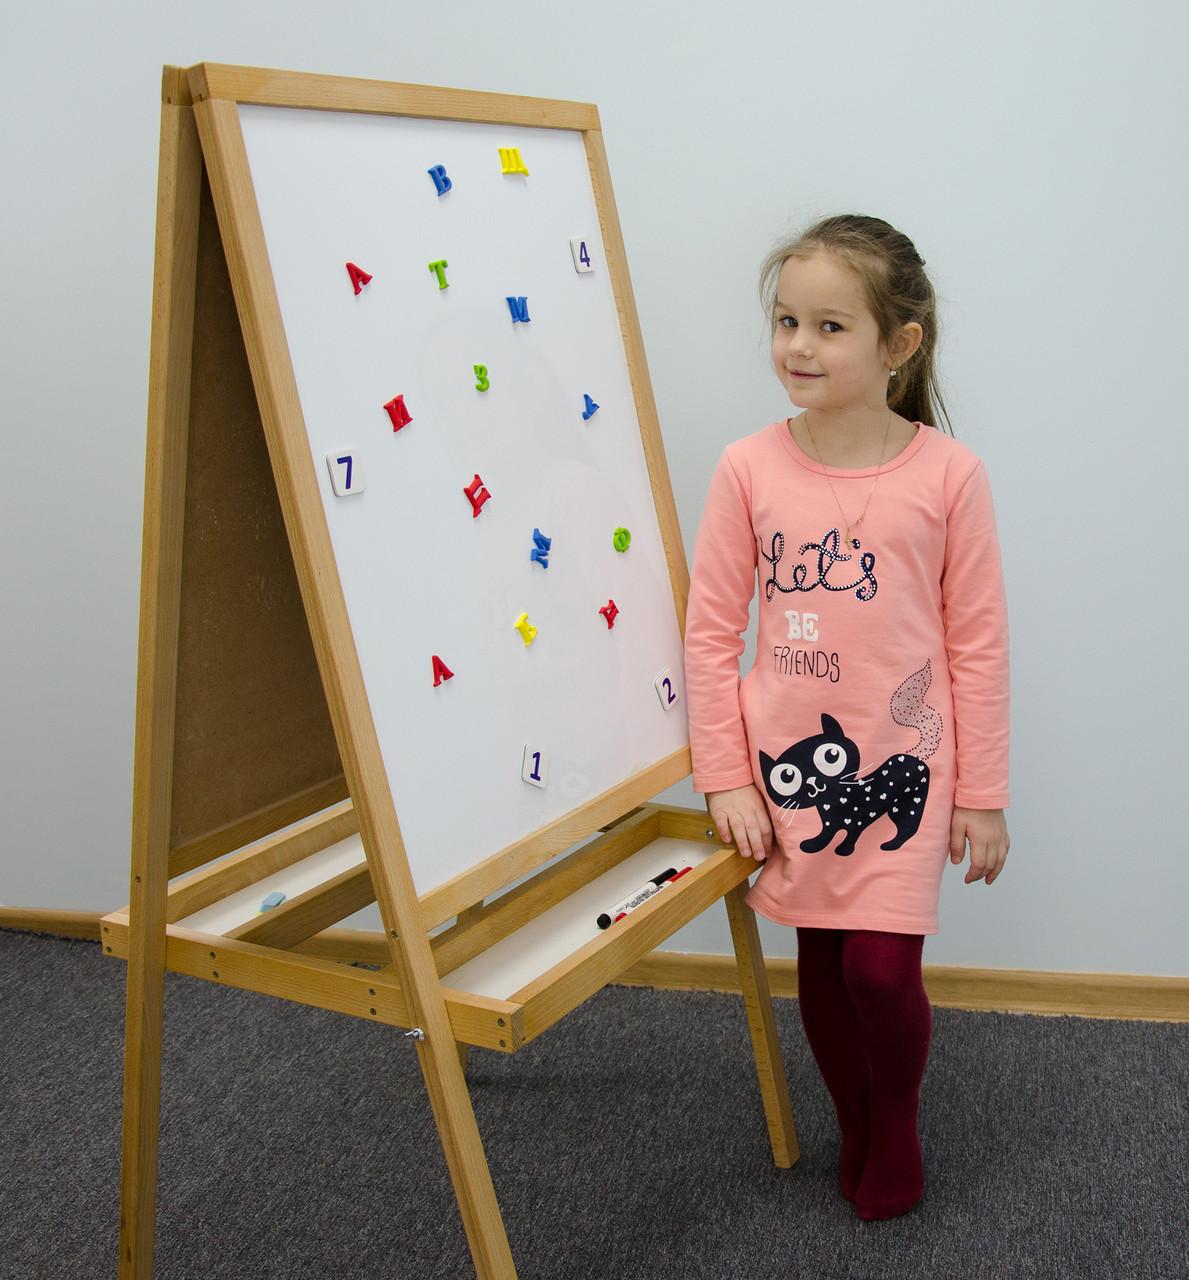 Мольберт детский Юниор 125 см. магнитный, двухсторонний. Доска для рисования. РК20